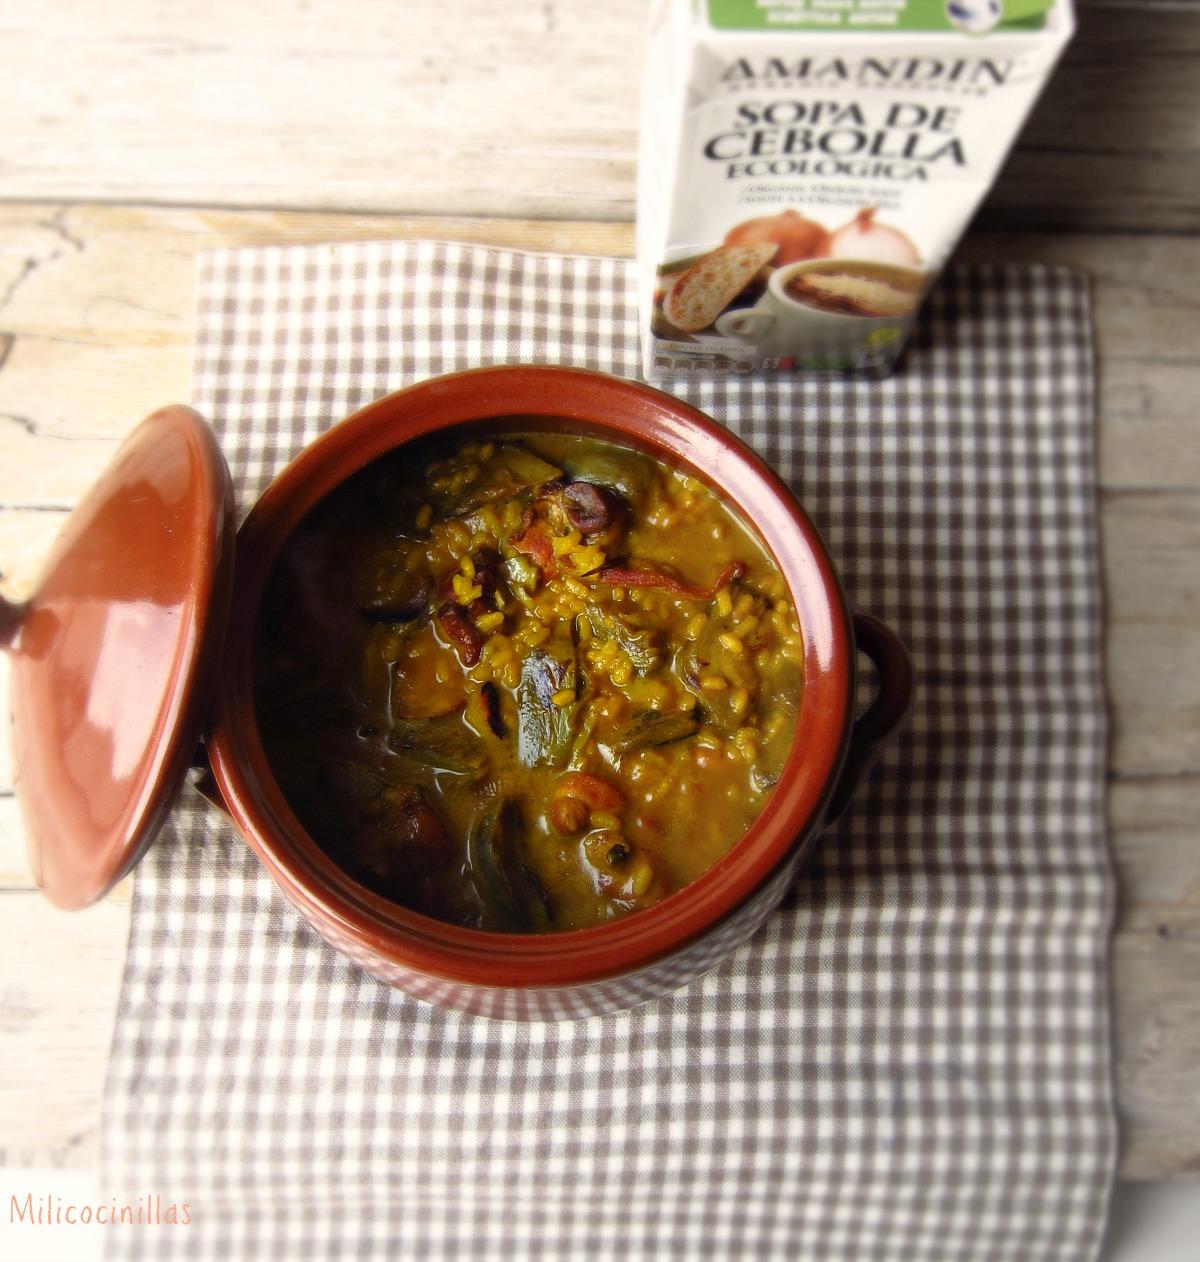 C mo cocinar arroz meloso f cil y rapido milicocinillas - Cocinar facil y rapido ...